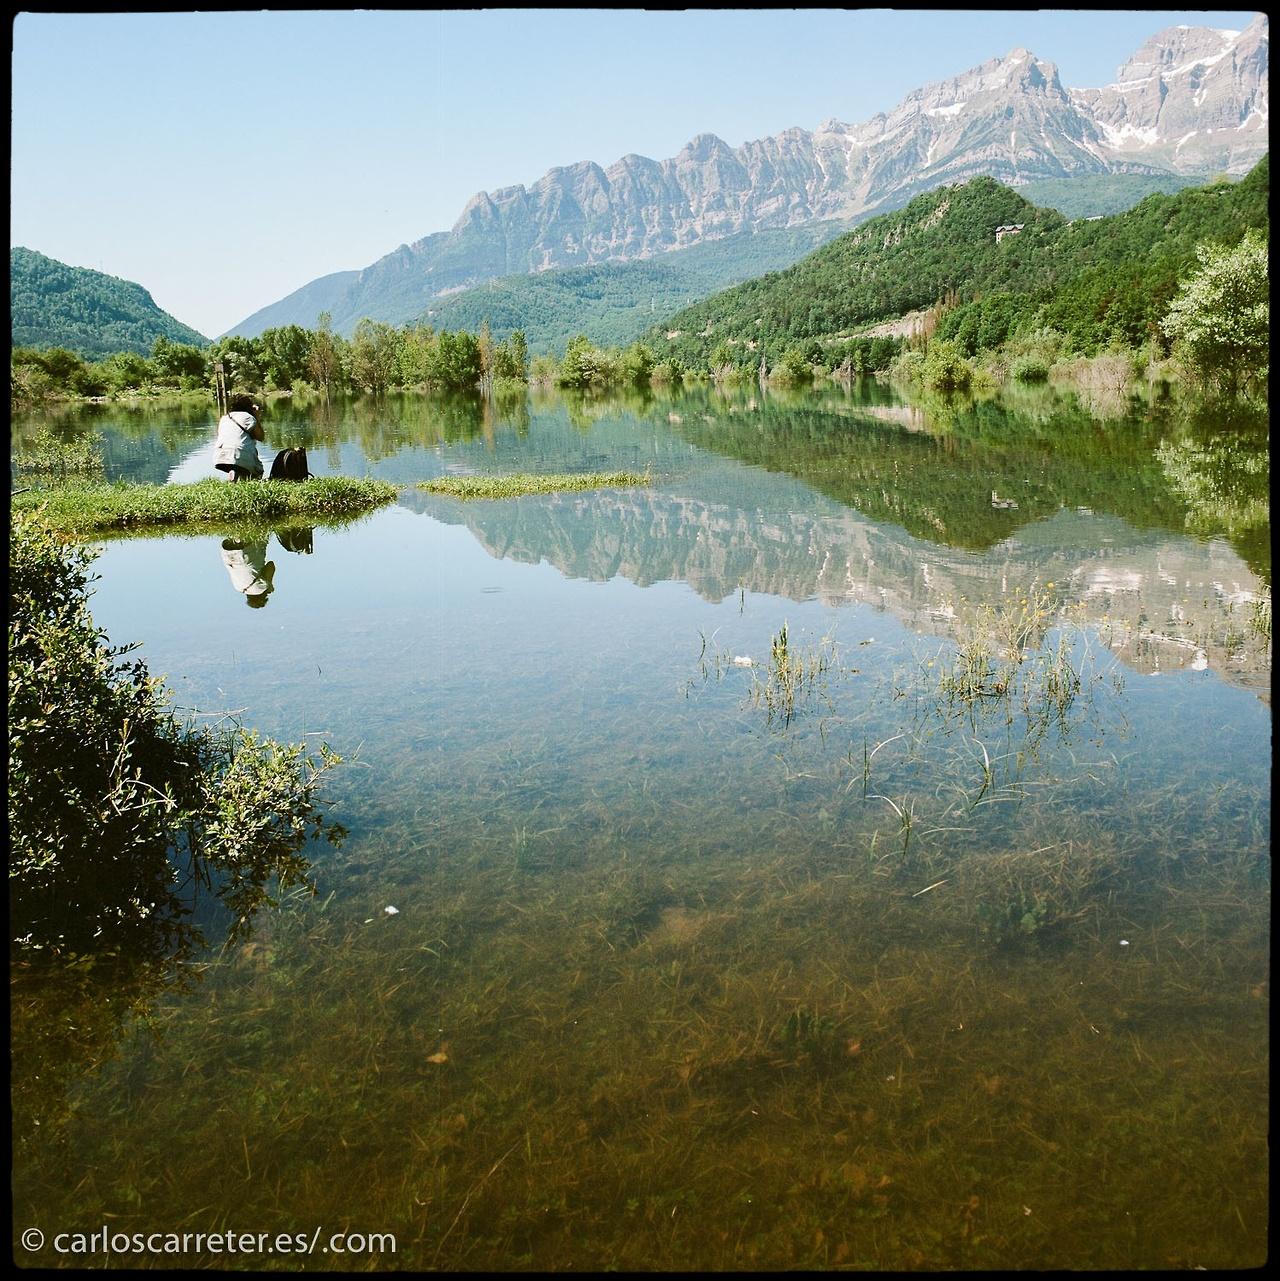 ... o los paisajes de los Pirineos en verano, Aragón (España).